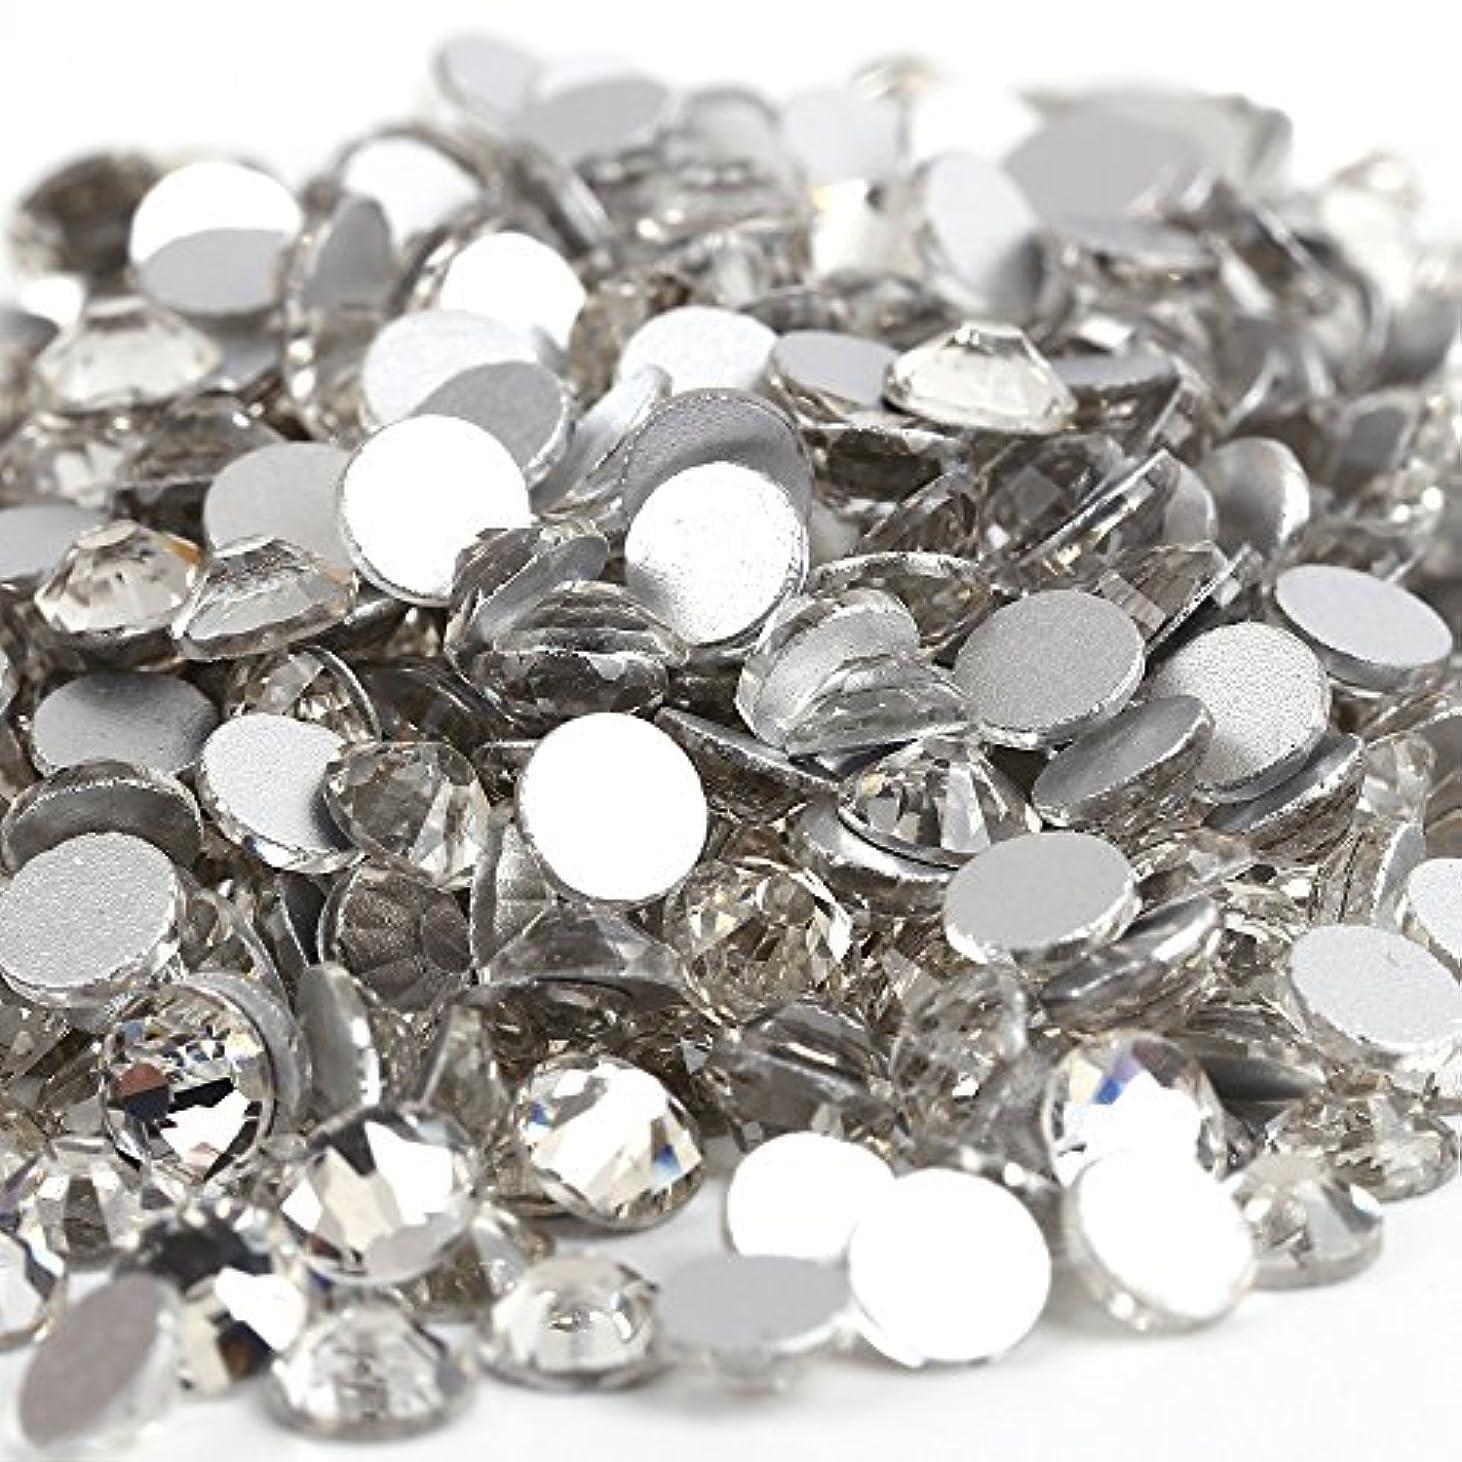 ペン奨励バングラデシュガラス製ラインストーン 1440粒 ネイル デコ クリスタル (3.0mm (SS12) 約1440粒) [並行輸入品]